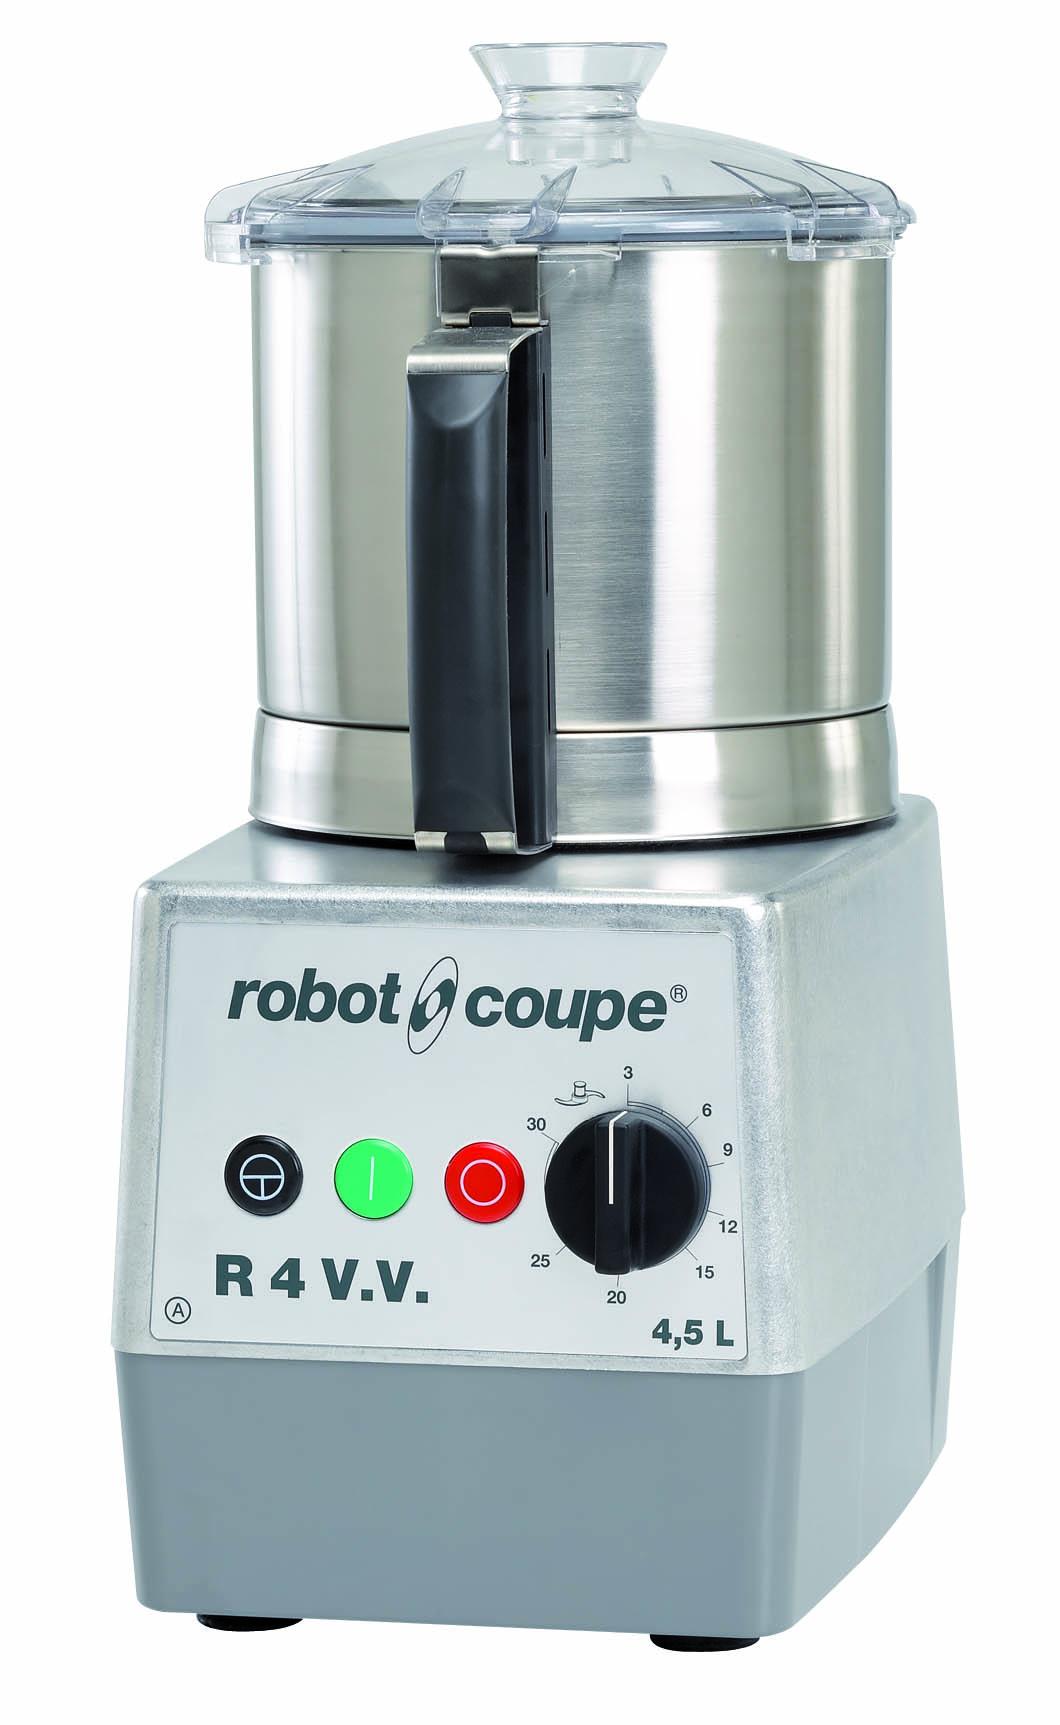 Robot-Coupe R4 V.V